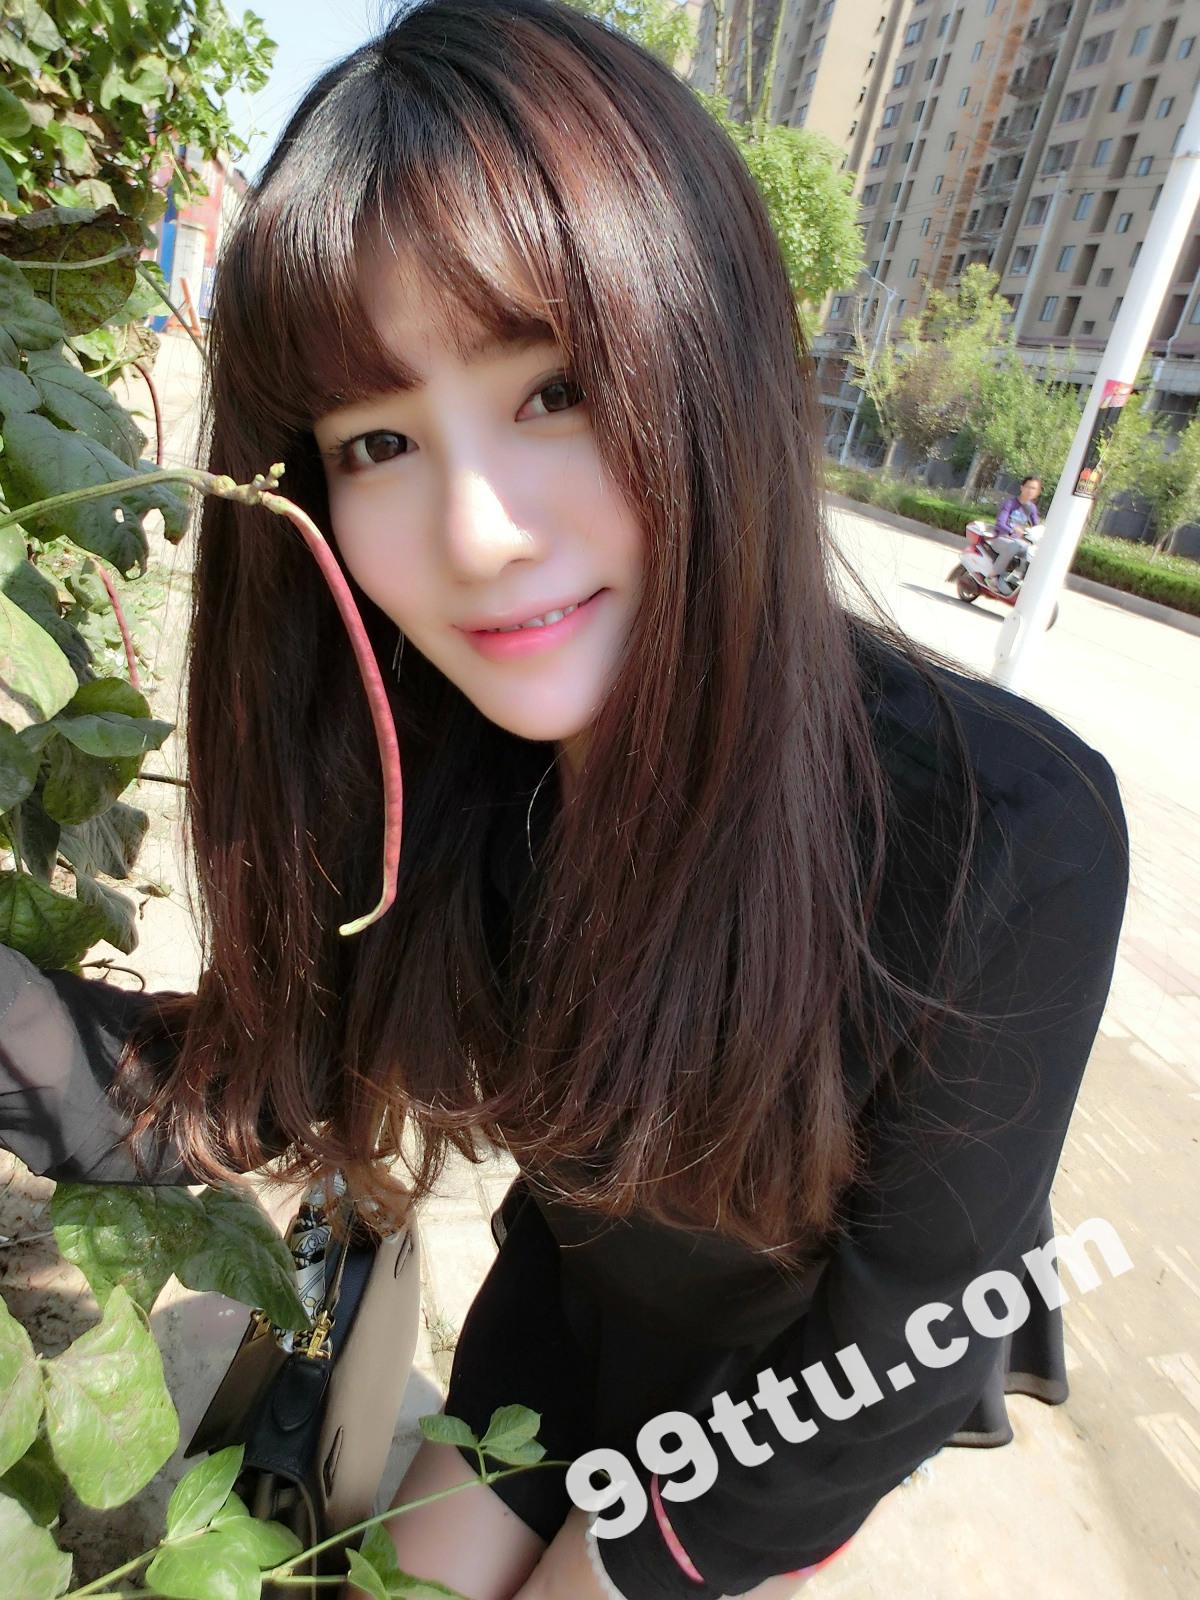 KK90_1390图+6视频 美女靓丽青春素材生活照-8